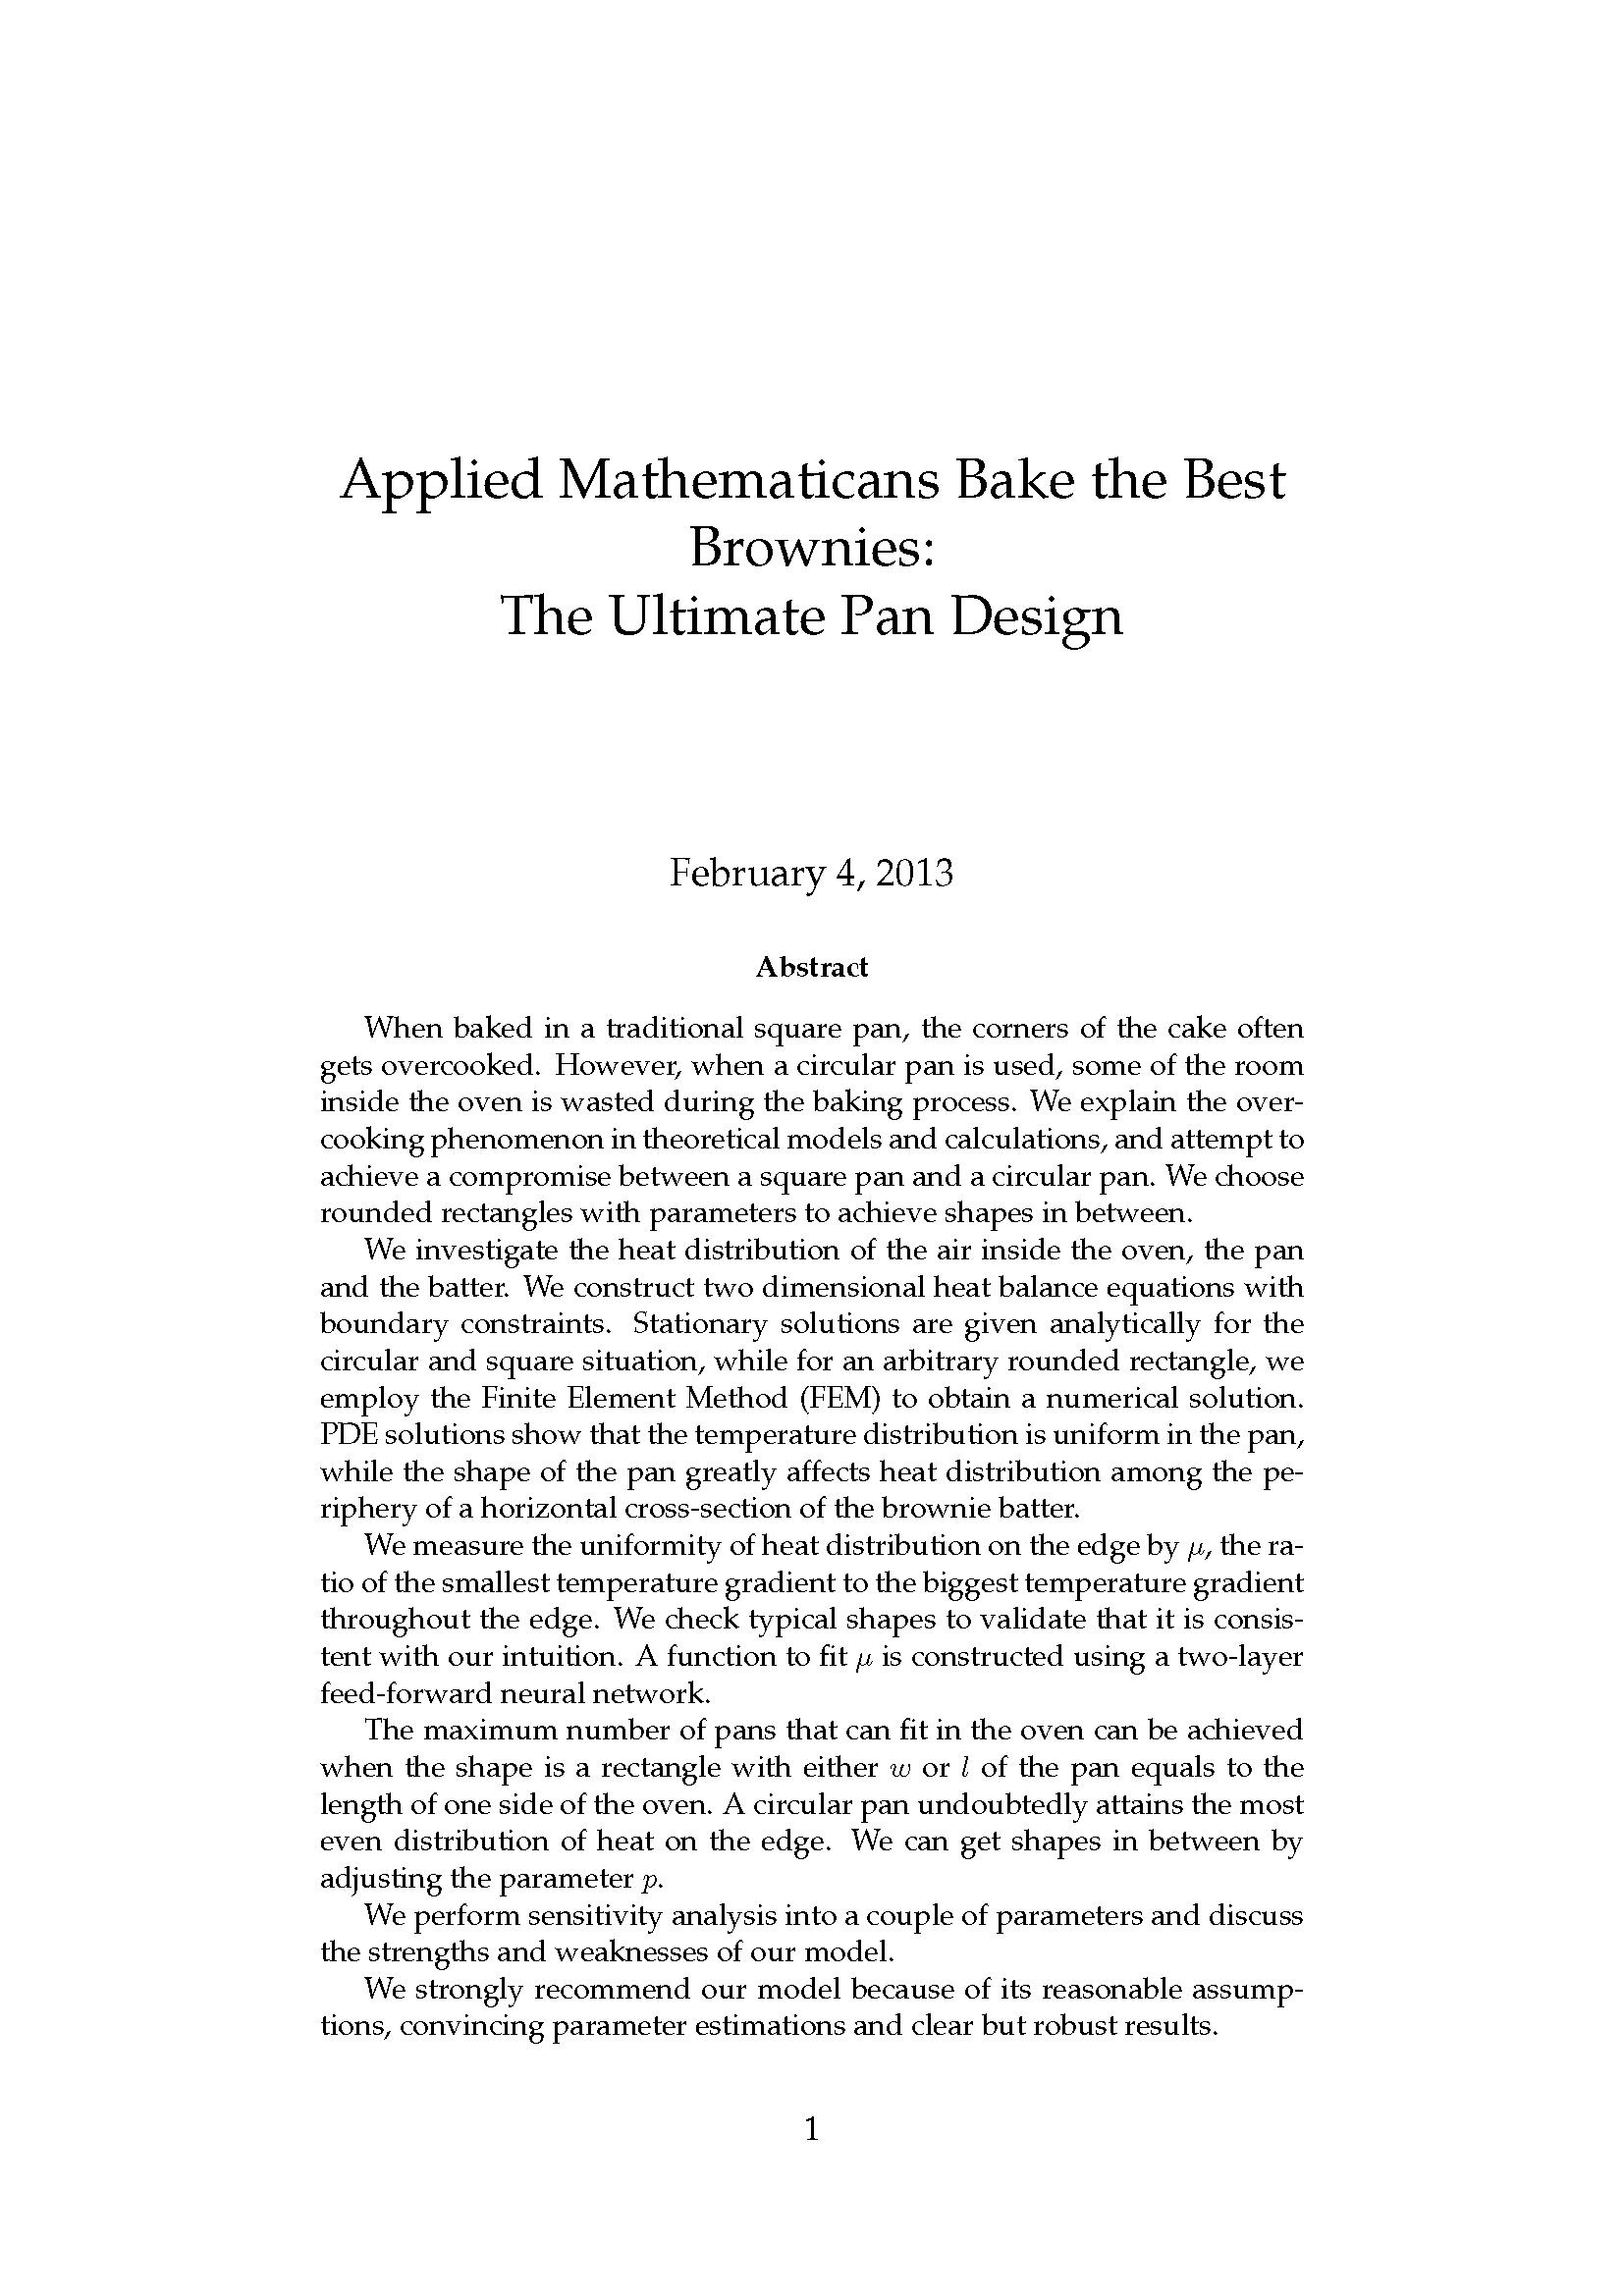 2013MCM数模竞赛A题论文20329